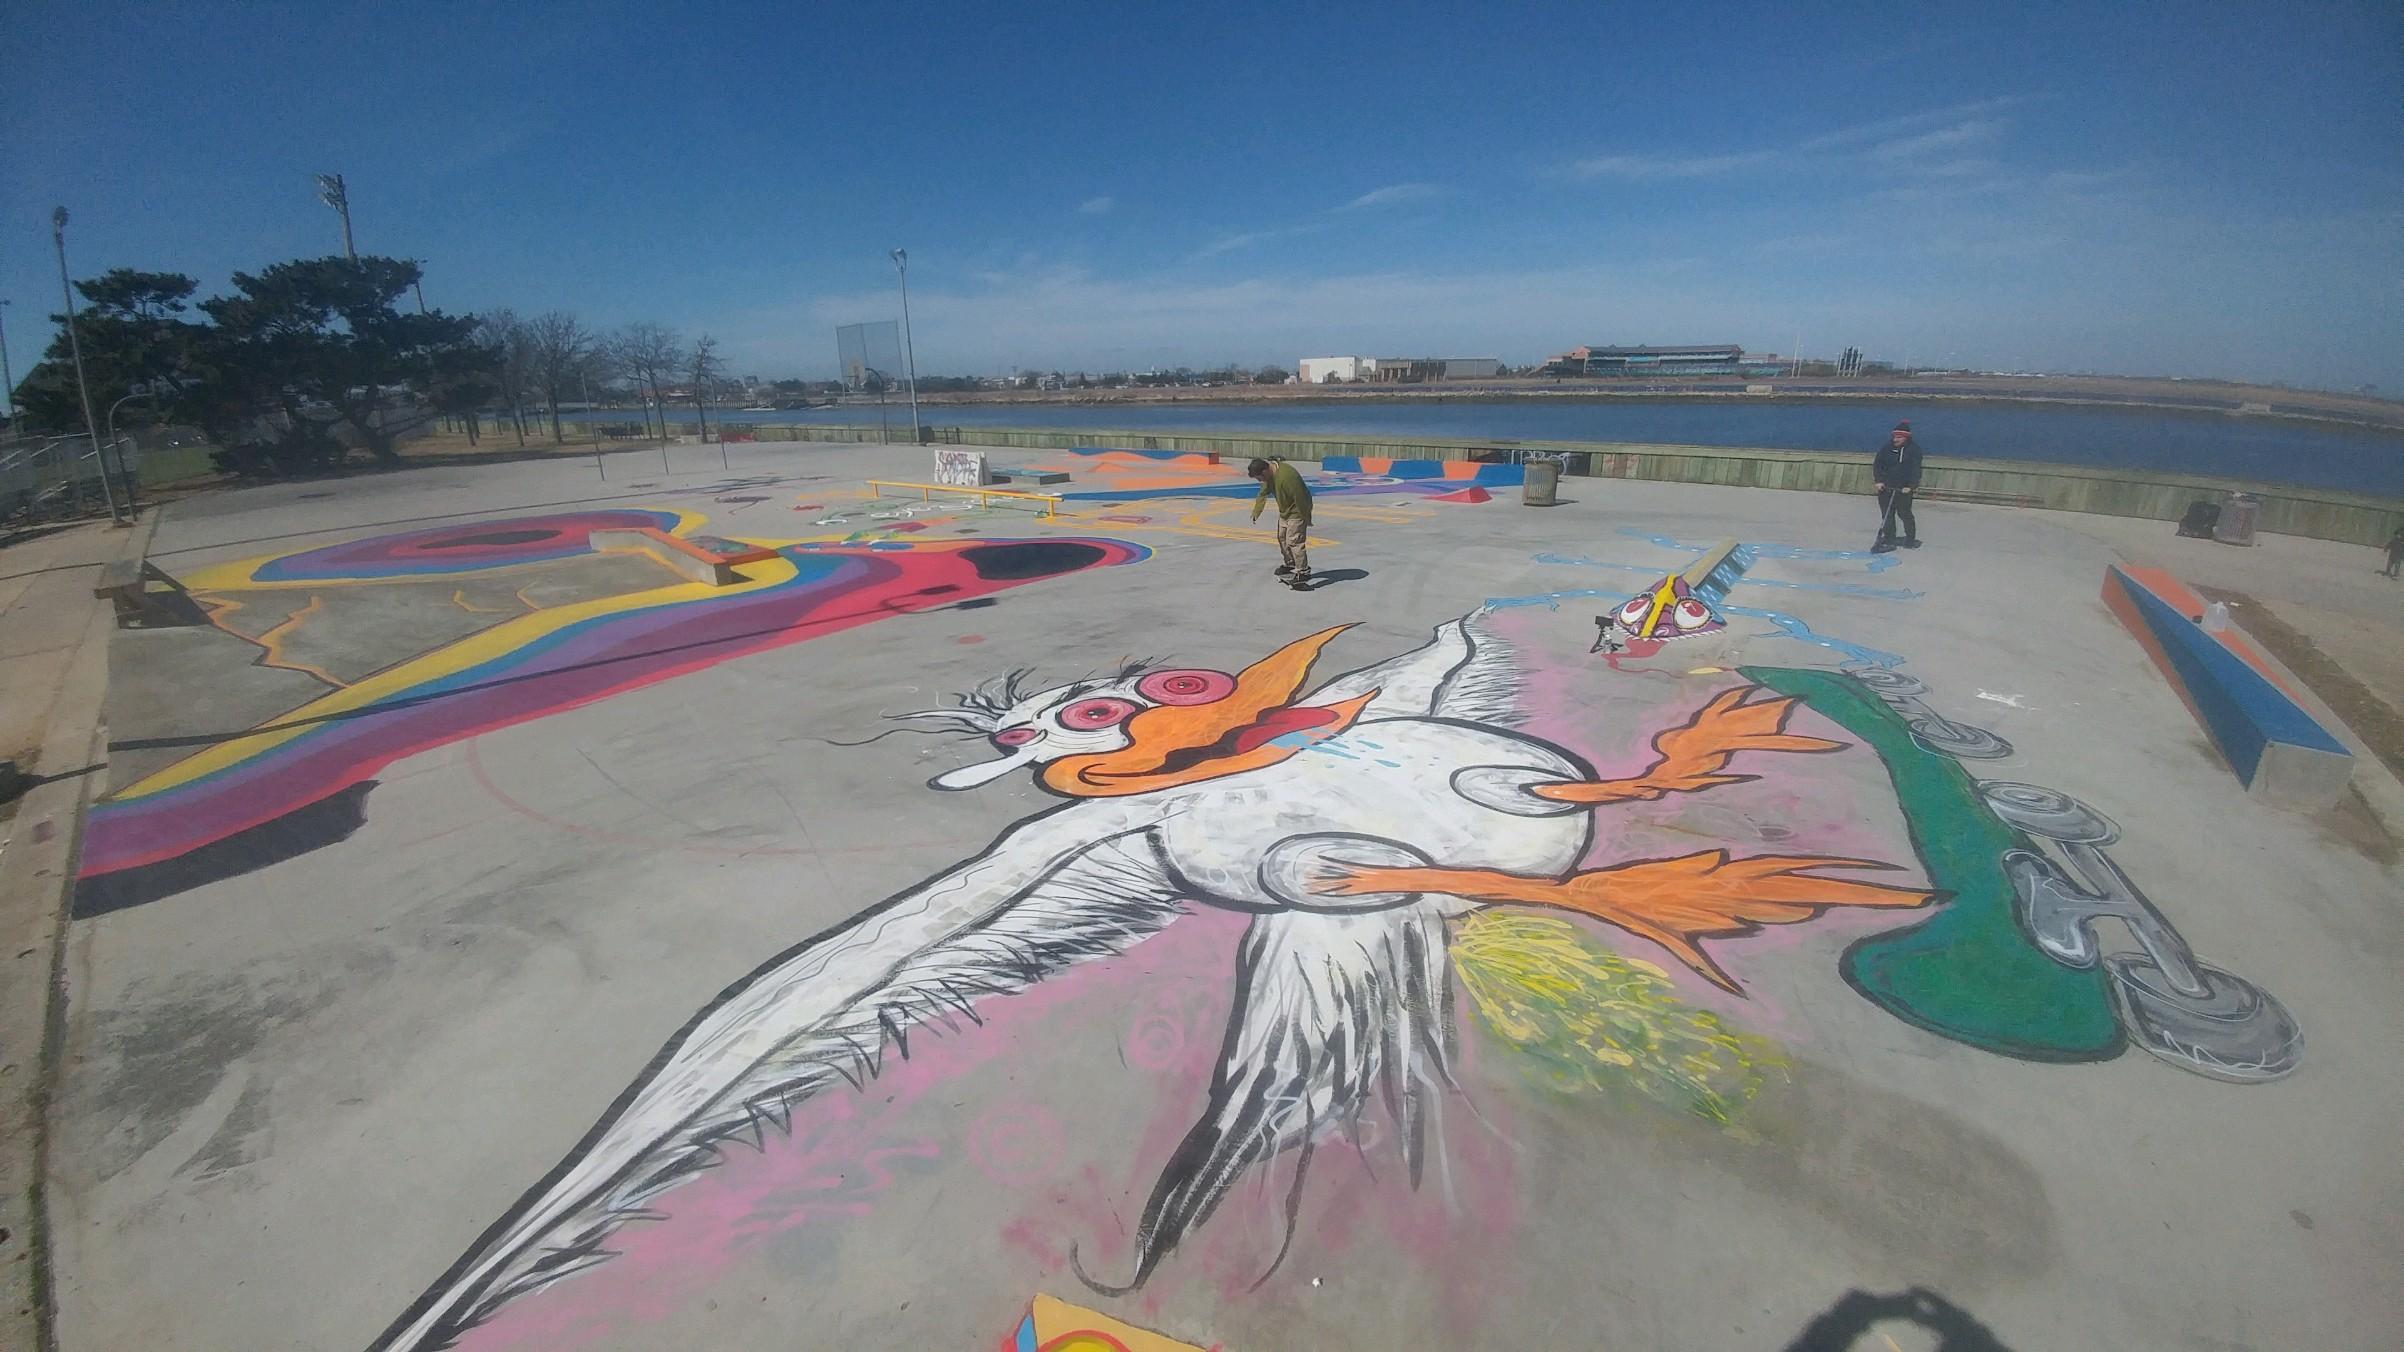 back sov skatepark - Atlantic City, NJ